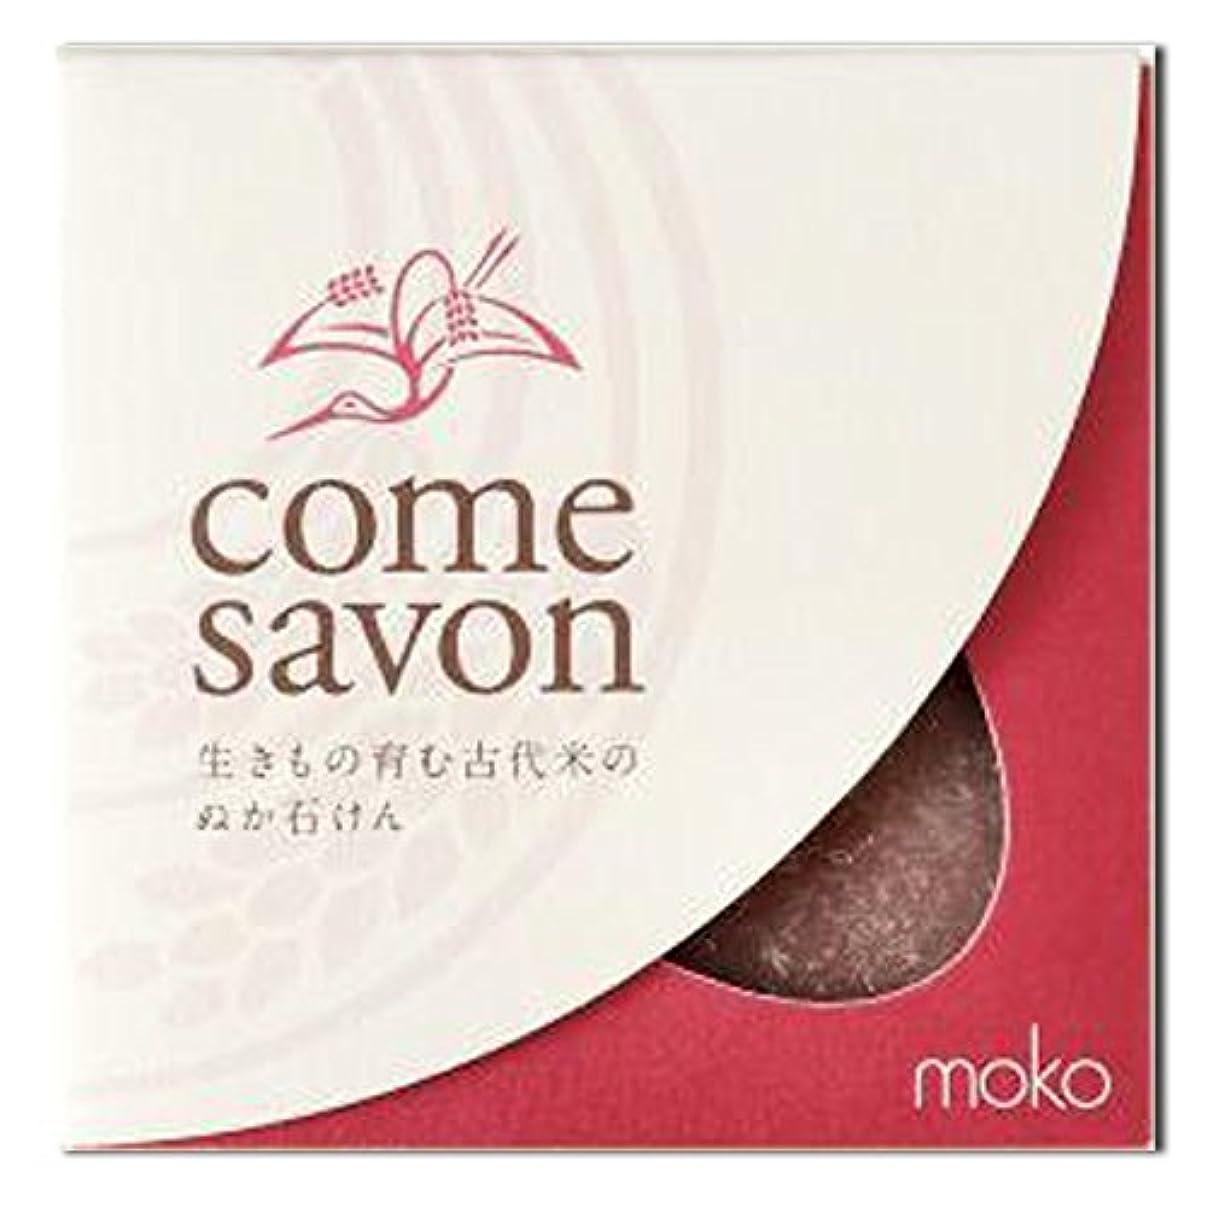 ドキュメンタリーシャベル遺伝的無添加手作り石けんcome savon 紅 しっとりタイプ